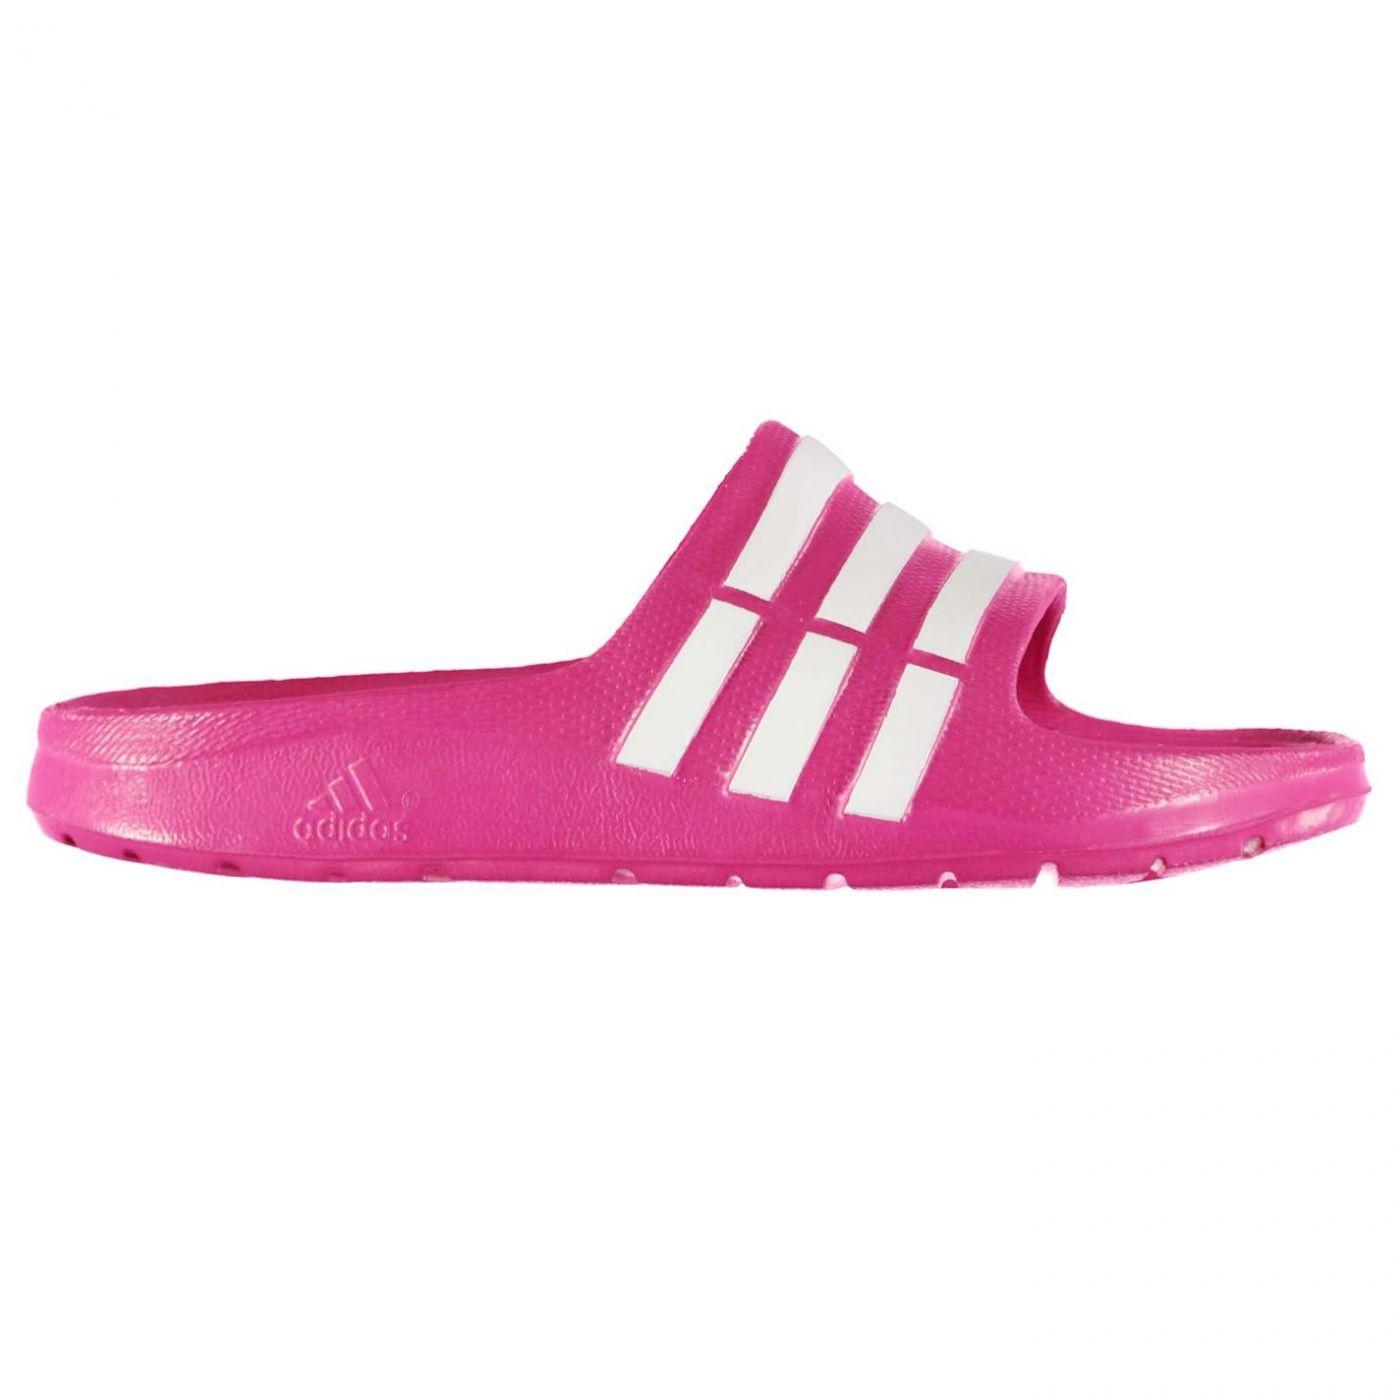 Adidas Duramo Childrens Slider Sandals